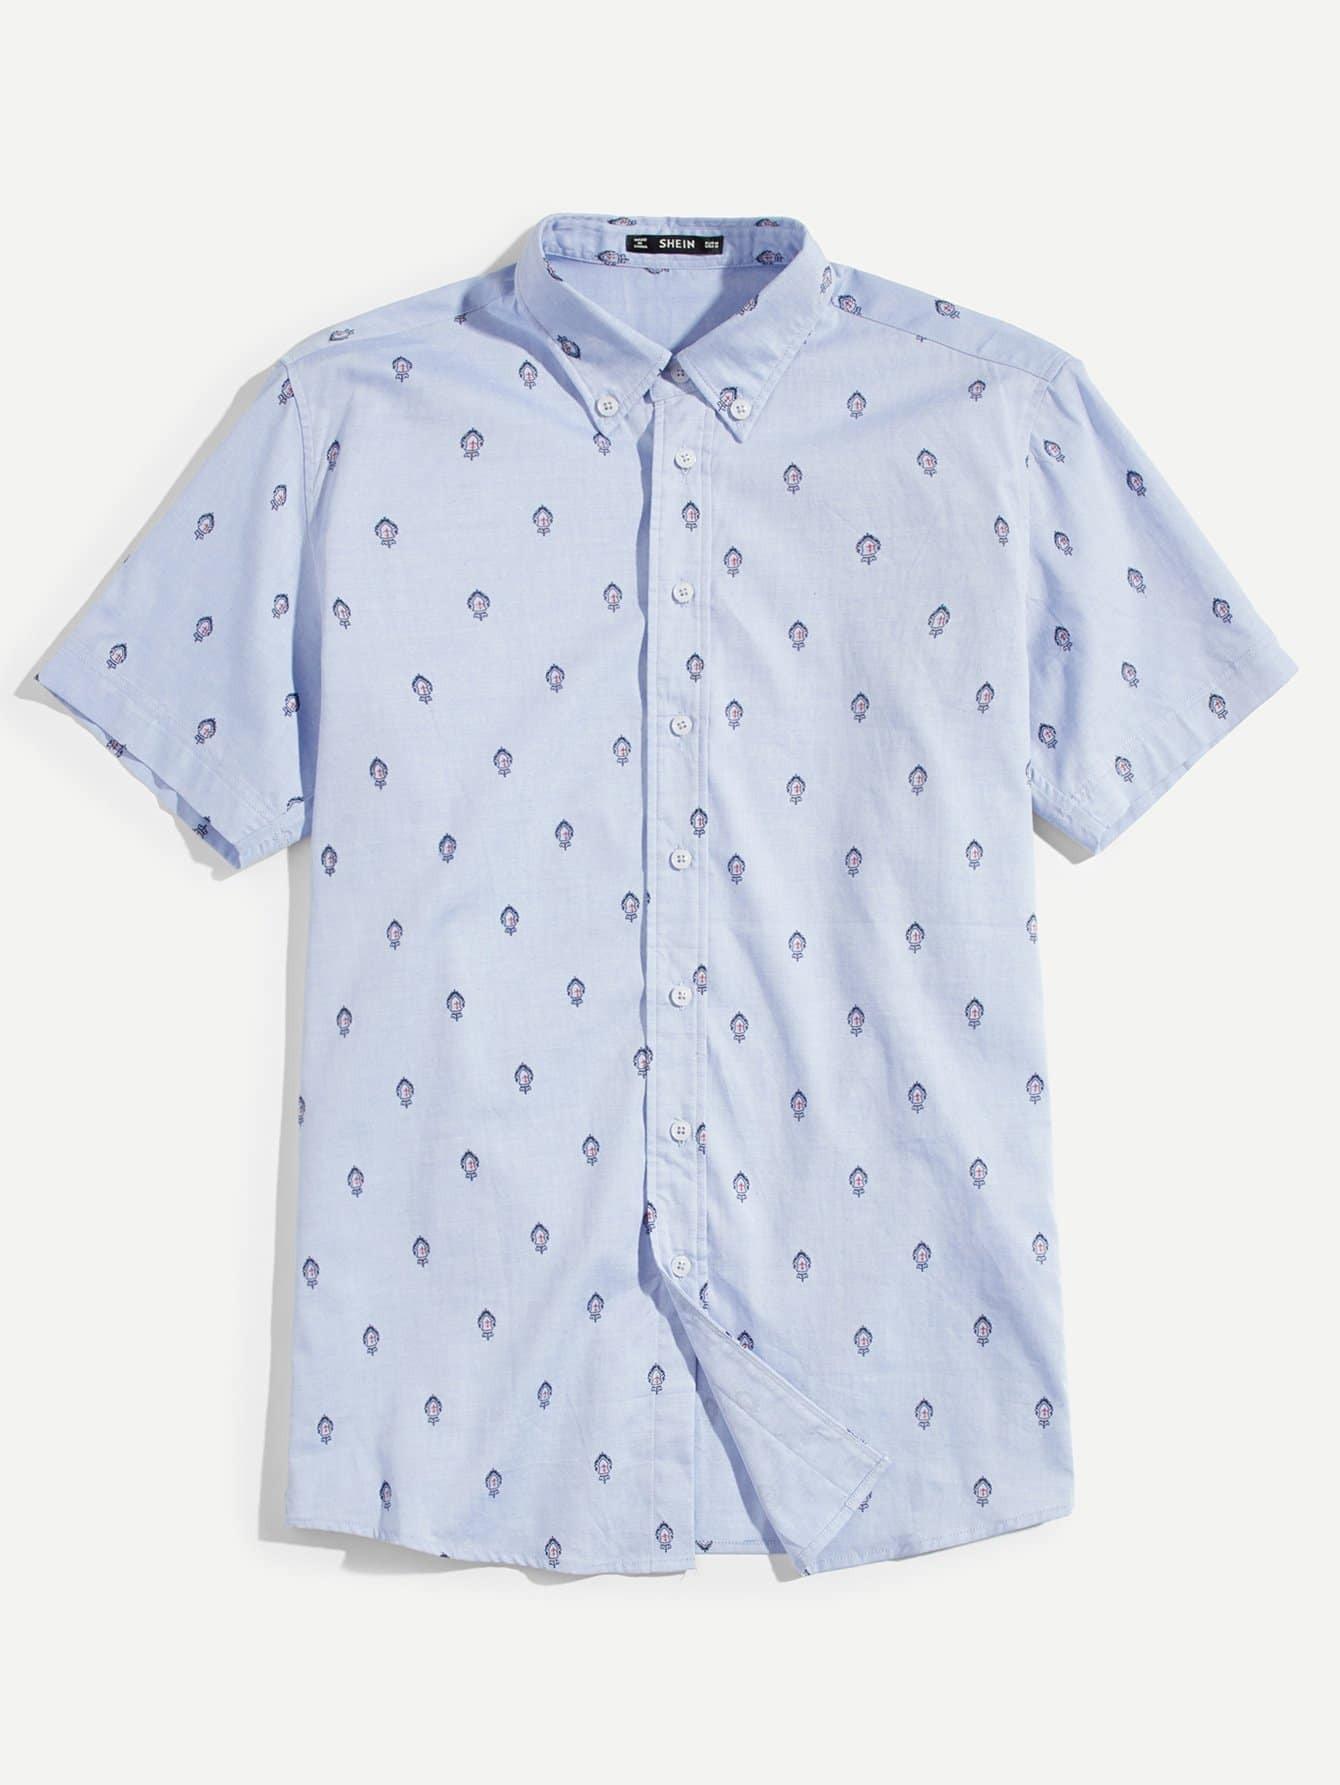 Купить Мужская футболка с графикой, null, SheIn